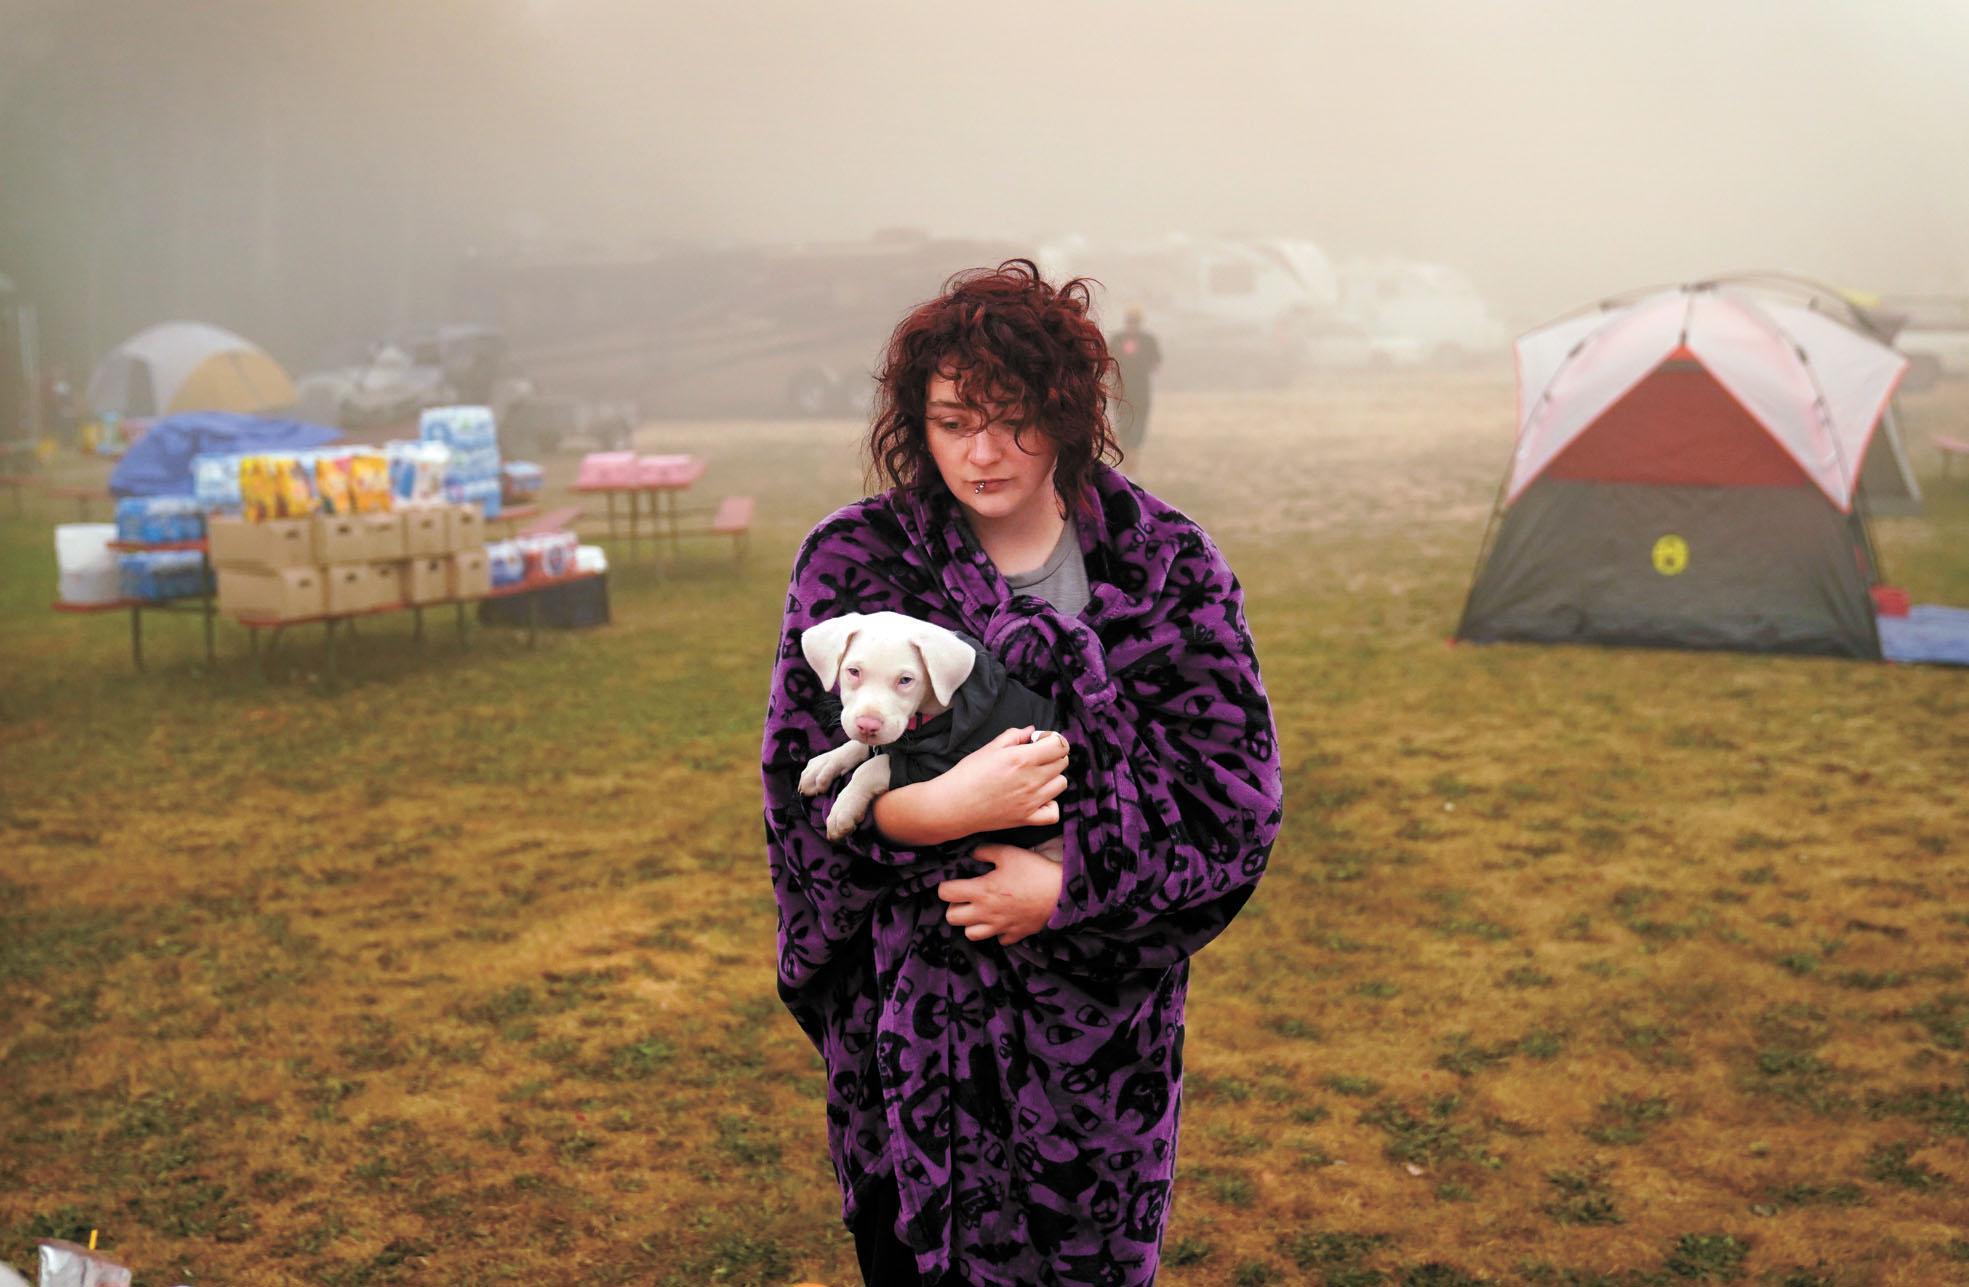 俄勒岡州橡木叢(Oak Grove)居民Shayanne Summers住在庇護中心已數天,懷抱寵物狗表情無奈。美聯社